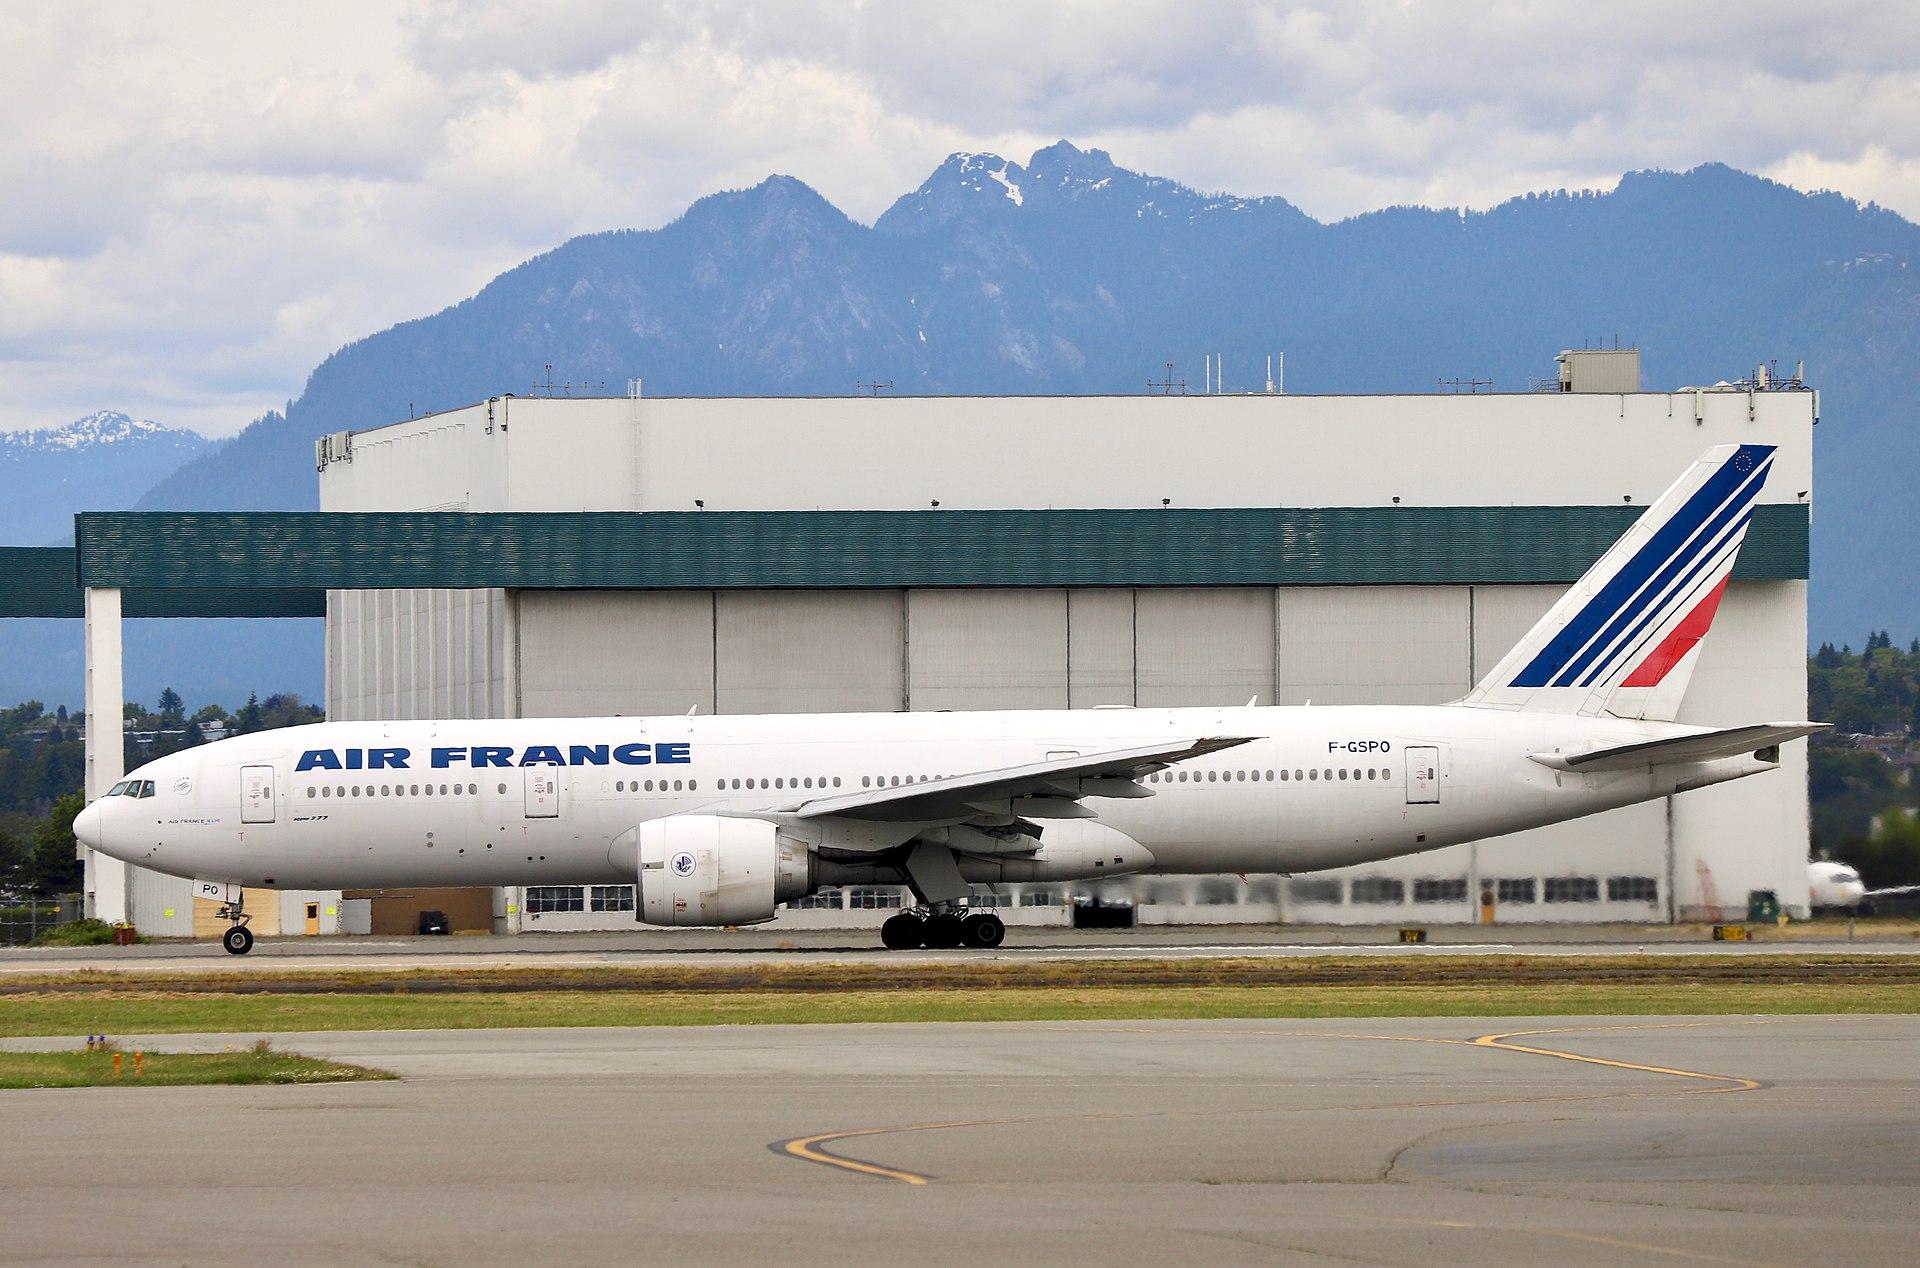 反制中共政策 法國限制中國飛法航班